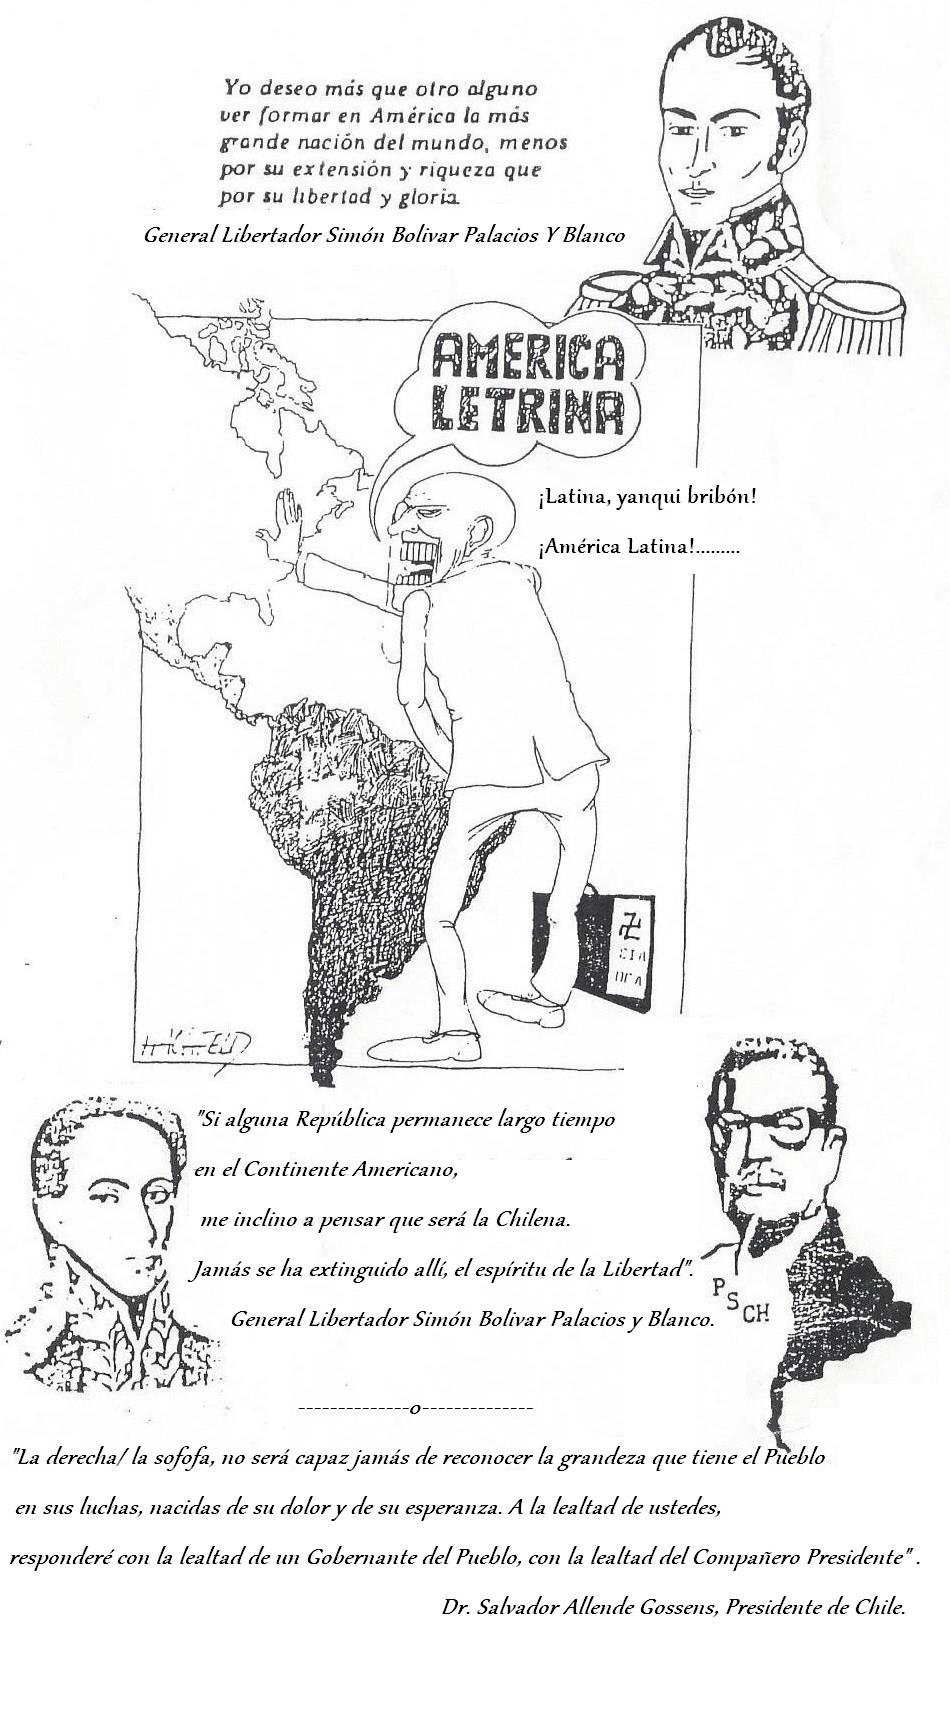 america latina y libertadores 7